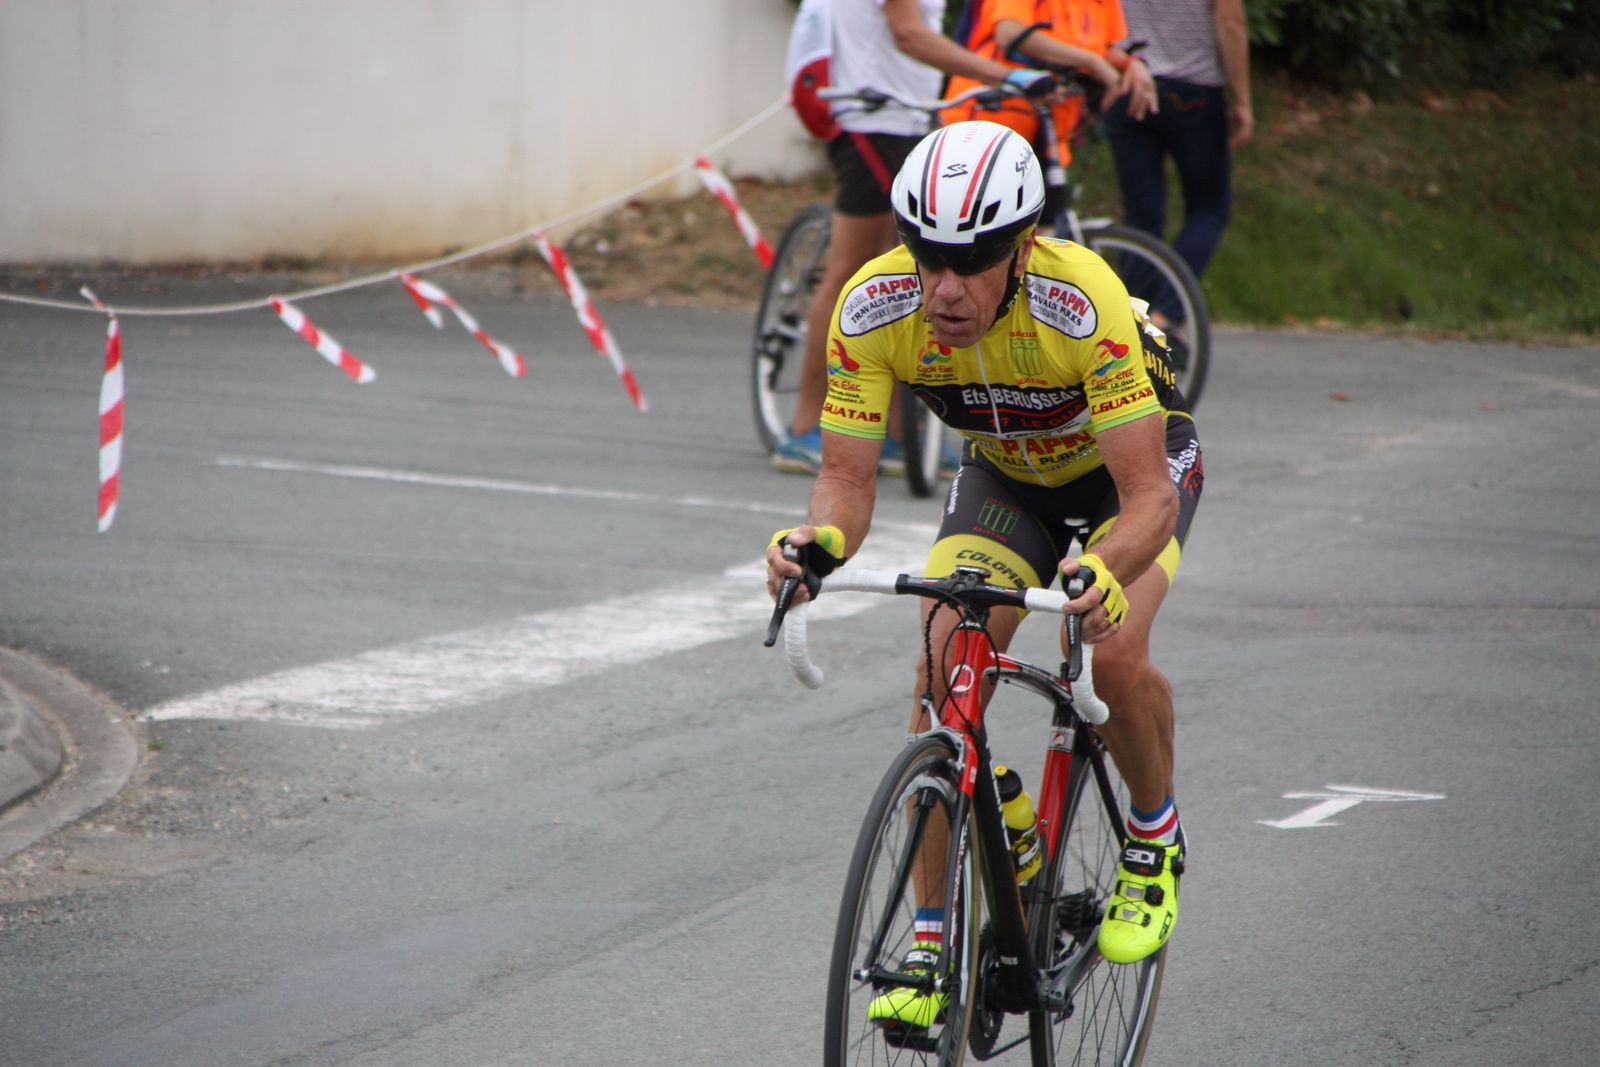 Arrivée  et  victoire  pour  Jean-Pierre  BARDET(VC  Jarnac) , 3e  place  pour  Patrice  OCQUETEAU(VC Le Gua)